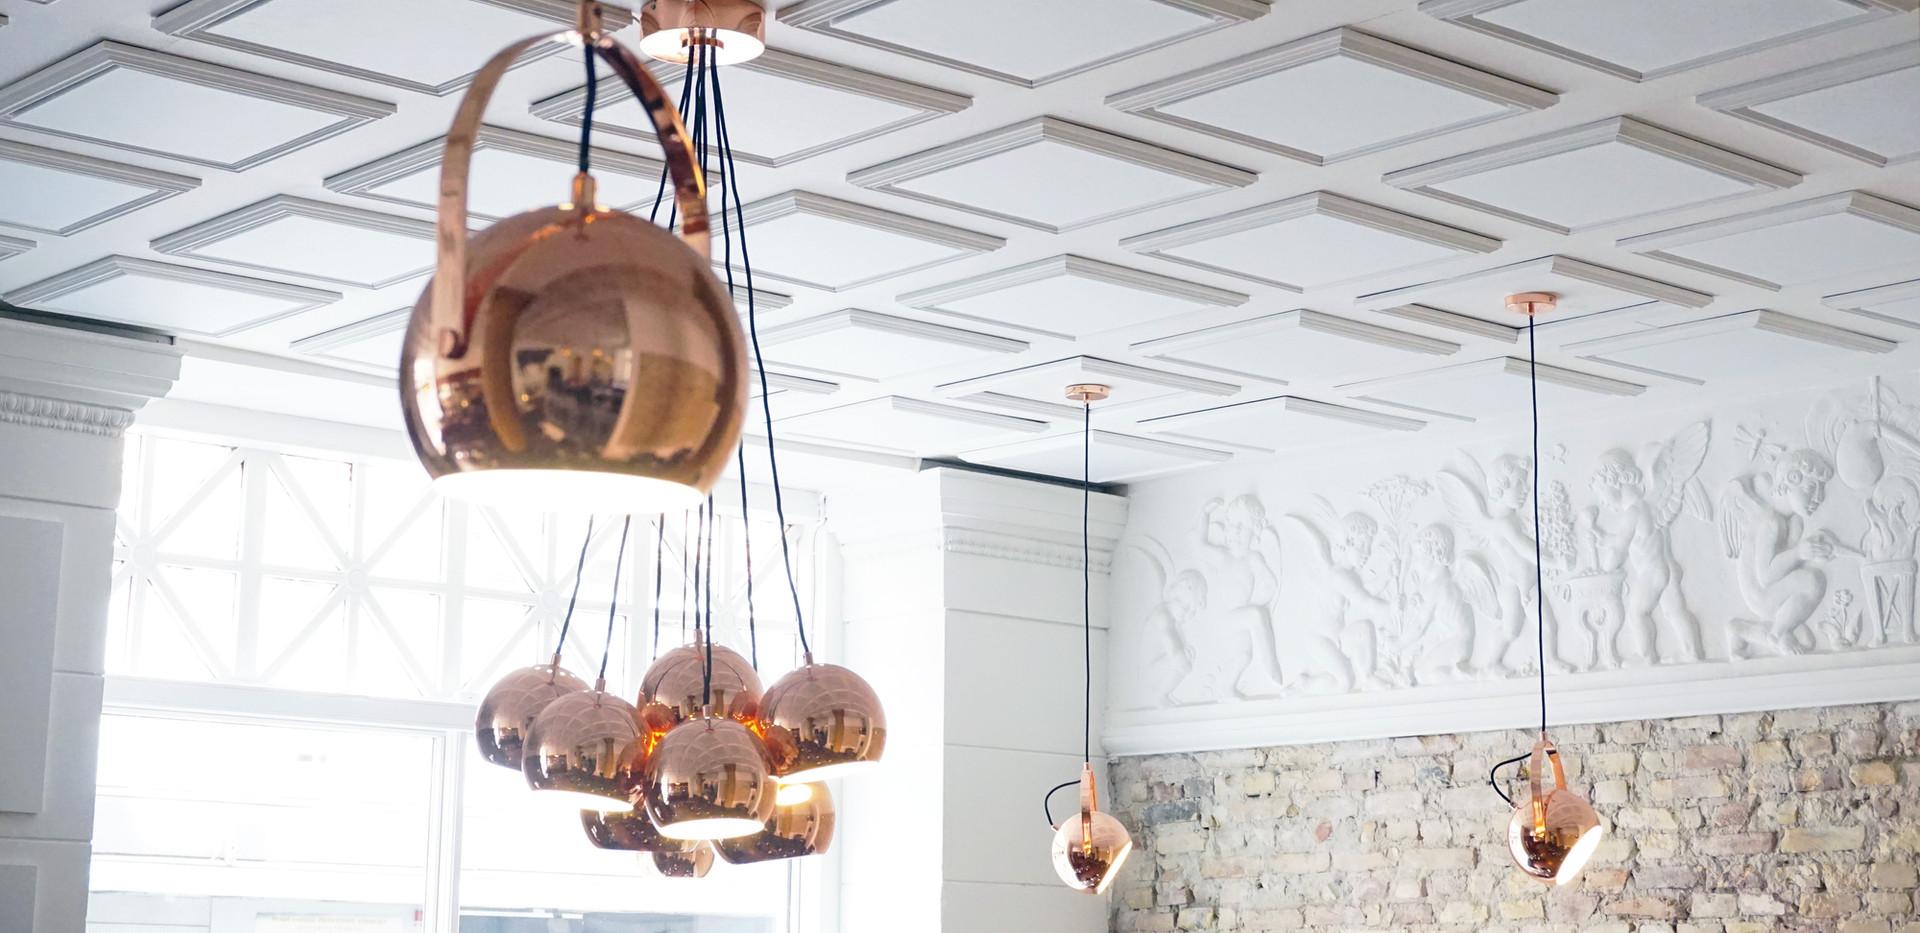 Støjdæmpning på restaurant Köd - nu kan gæsterne spise i ro